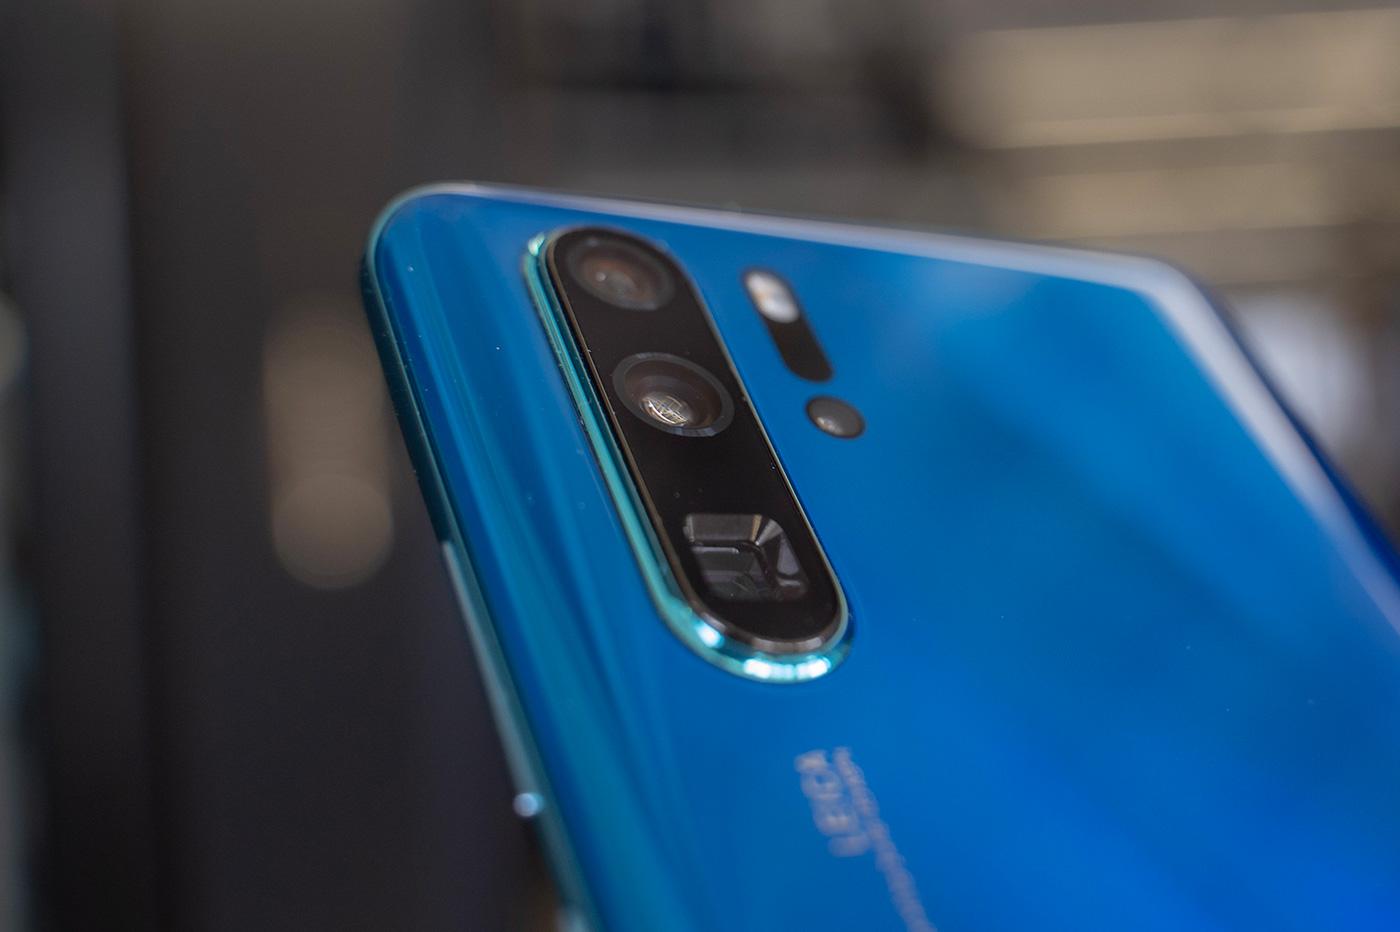 Huawei : en 2020, on pourrait avoir des smartphones 5G à 300 dollars